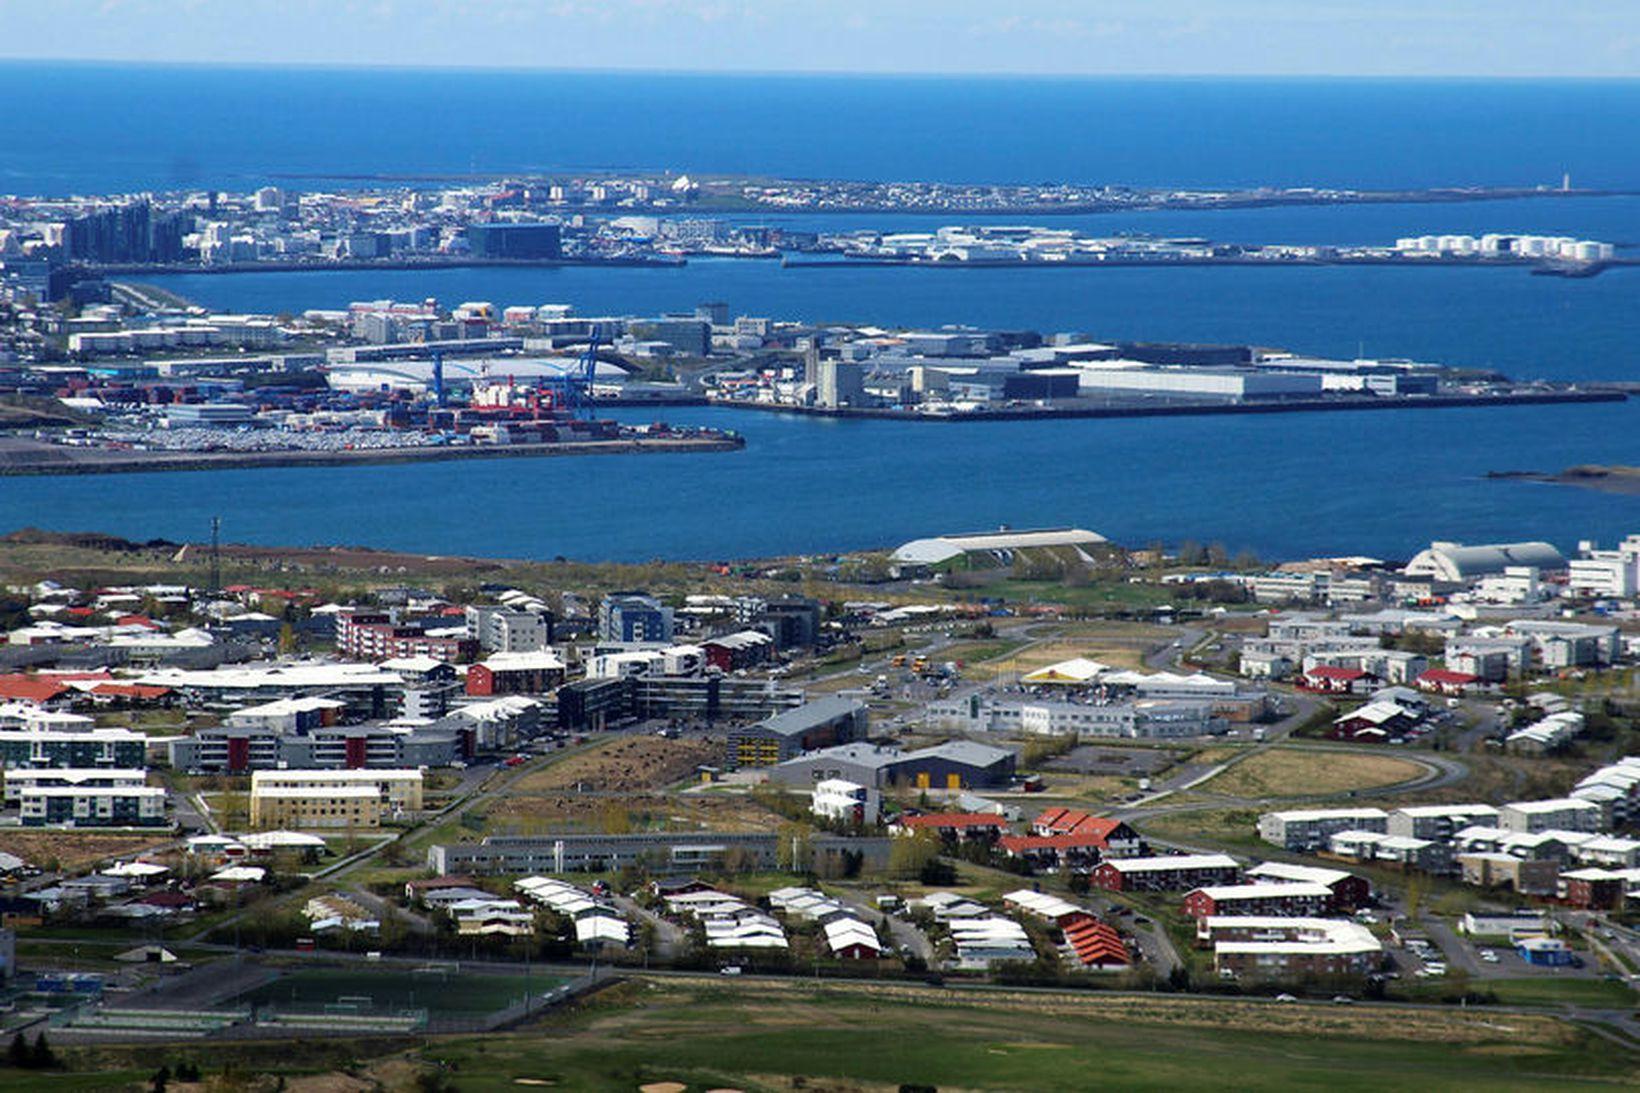 Raunverð íbúða á höfuðborgarsvæðinu lækkaði um -0,2% milli mánaða. Mynd …